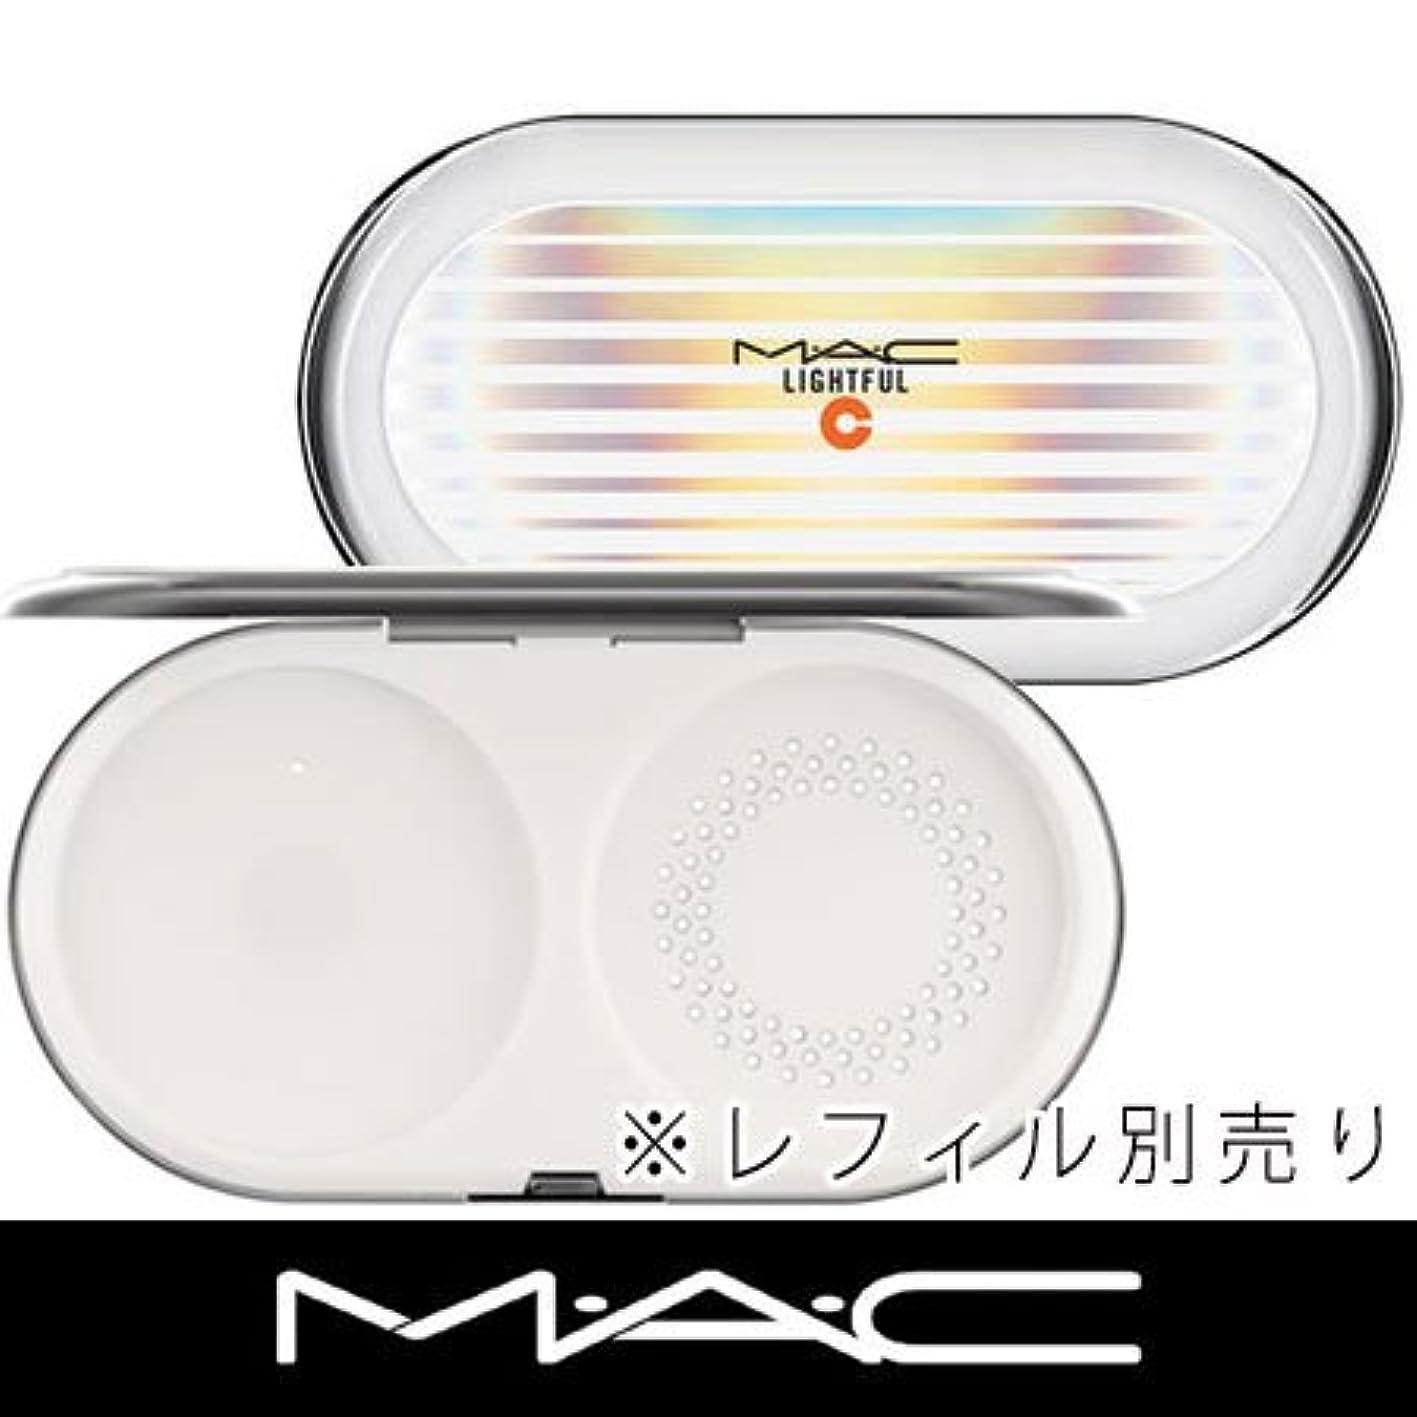 素晴らしさ称賛声を出してマック ライトフル C+ SPF 30 ファンデーション (ケースのみ) -M?A?C MAC-